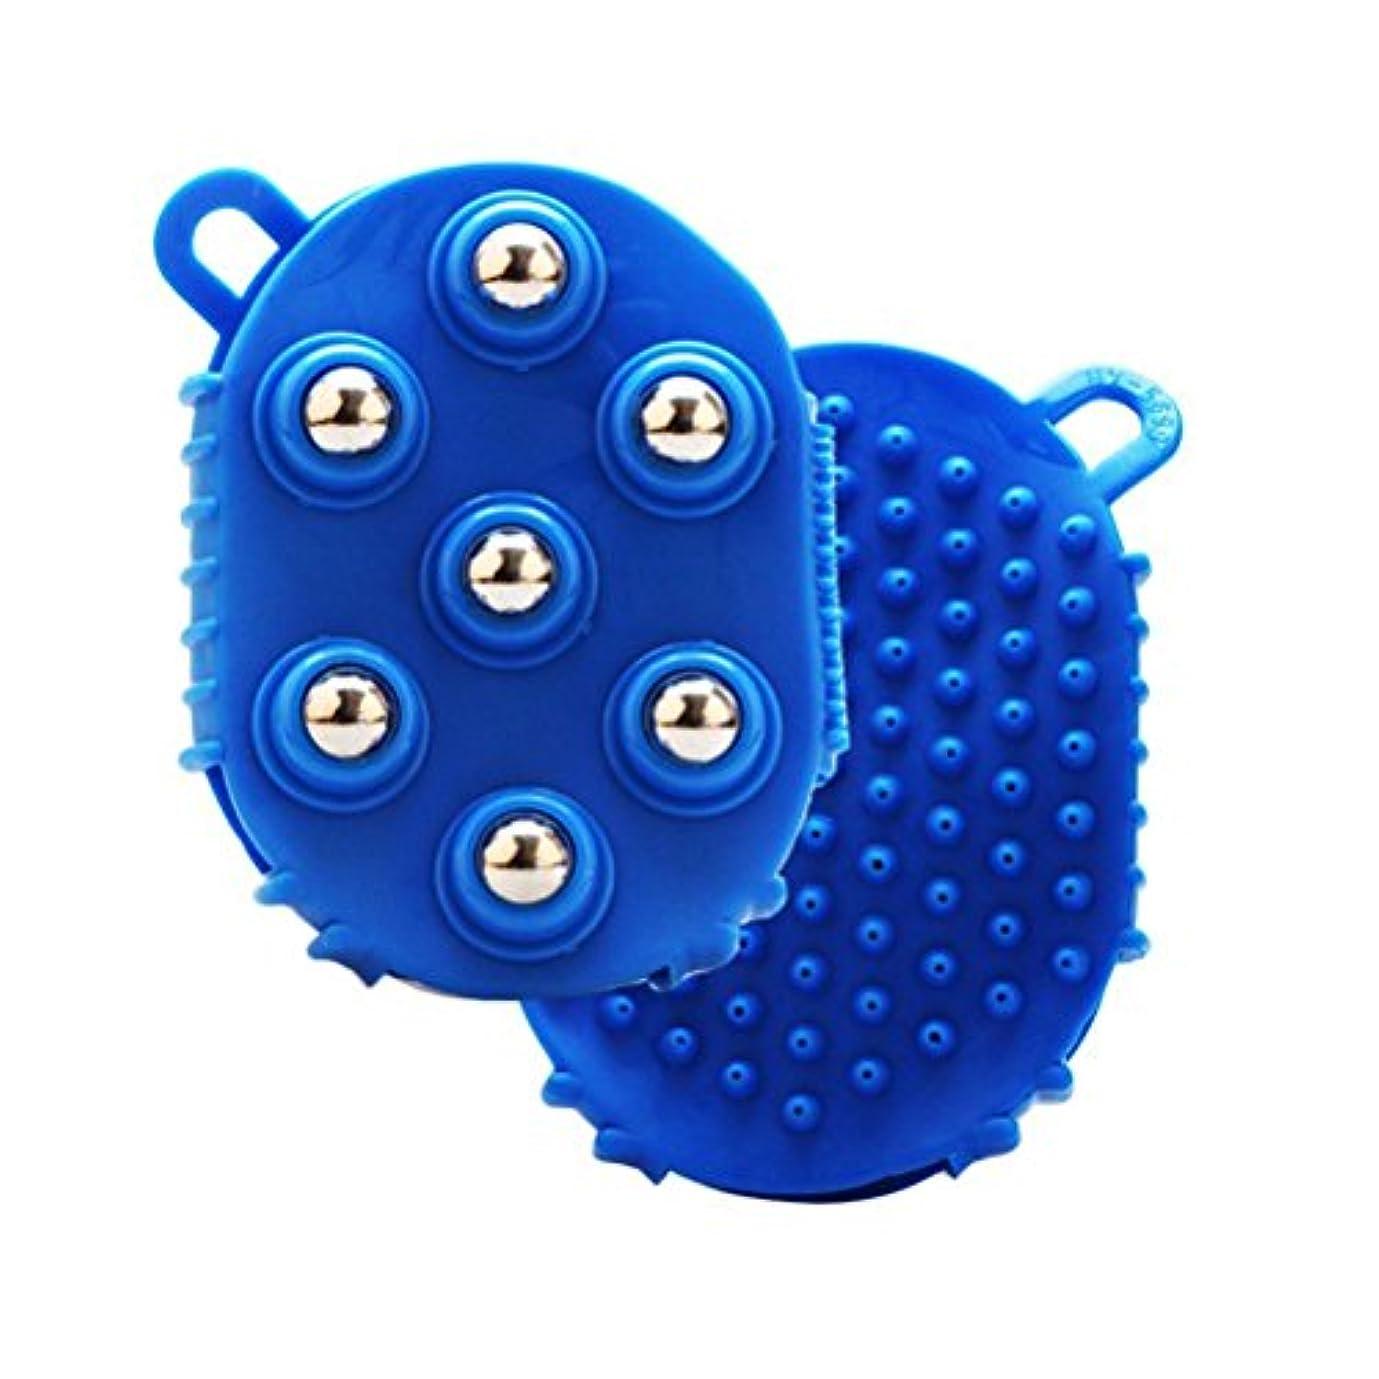 切断する自分のラバROSENICE マッサージブラシ7痛みの筋肉の痛みを軽減するための金属ローラーボールボディマッサージャー(ブルー)